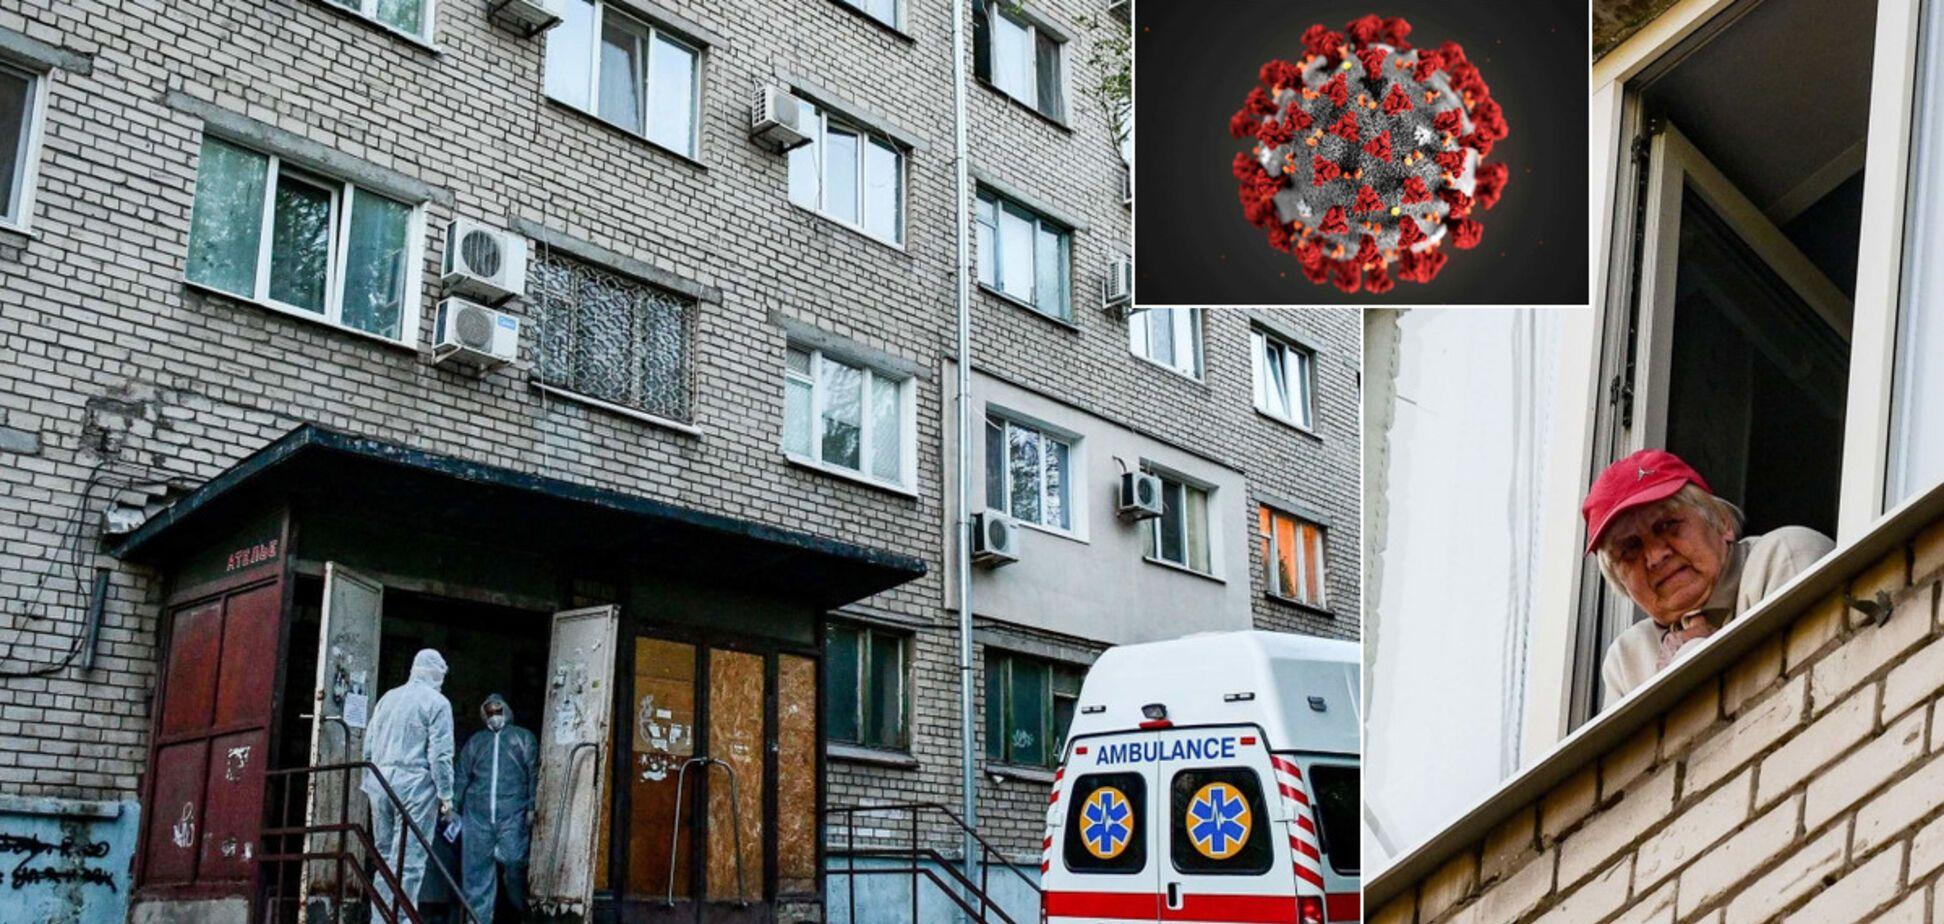 Розносили коронавірус вулицями: гуртожиток Запоріжжя перетворився на розсадник COVID-19. І це тільки початок